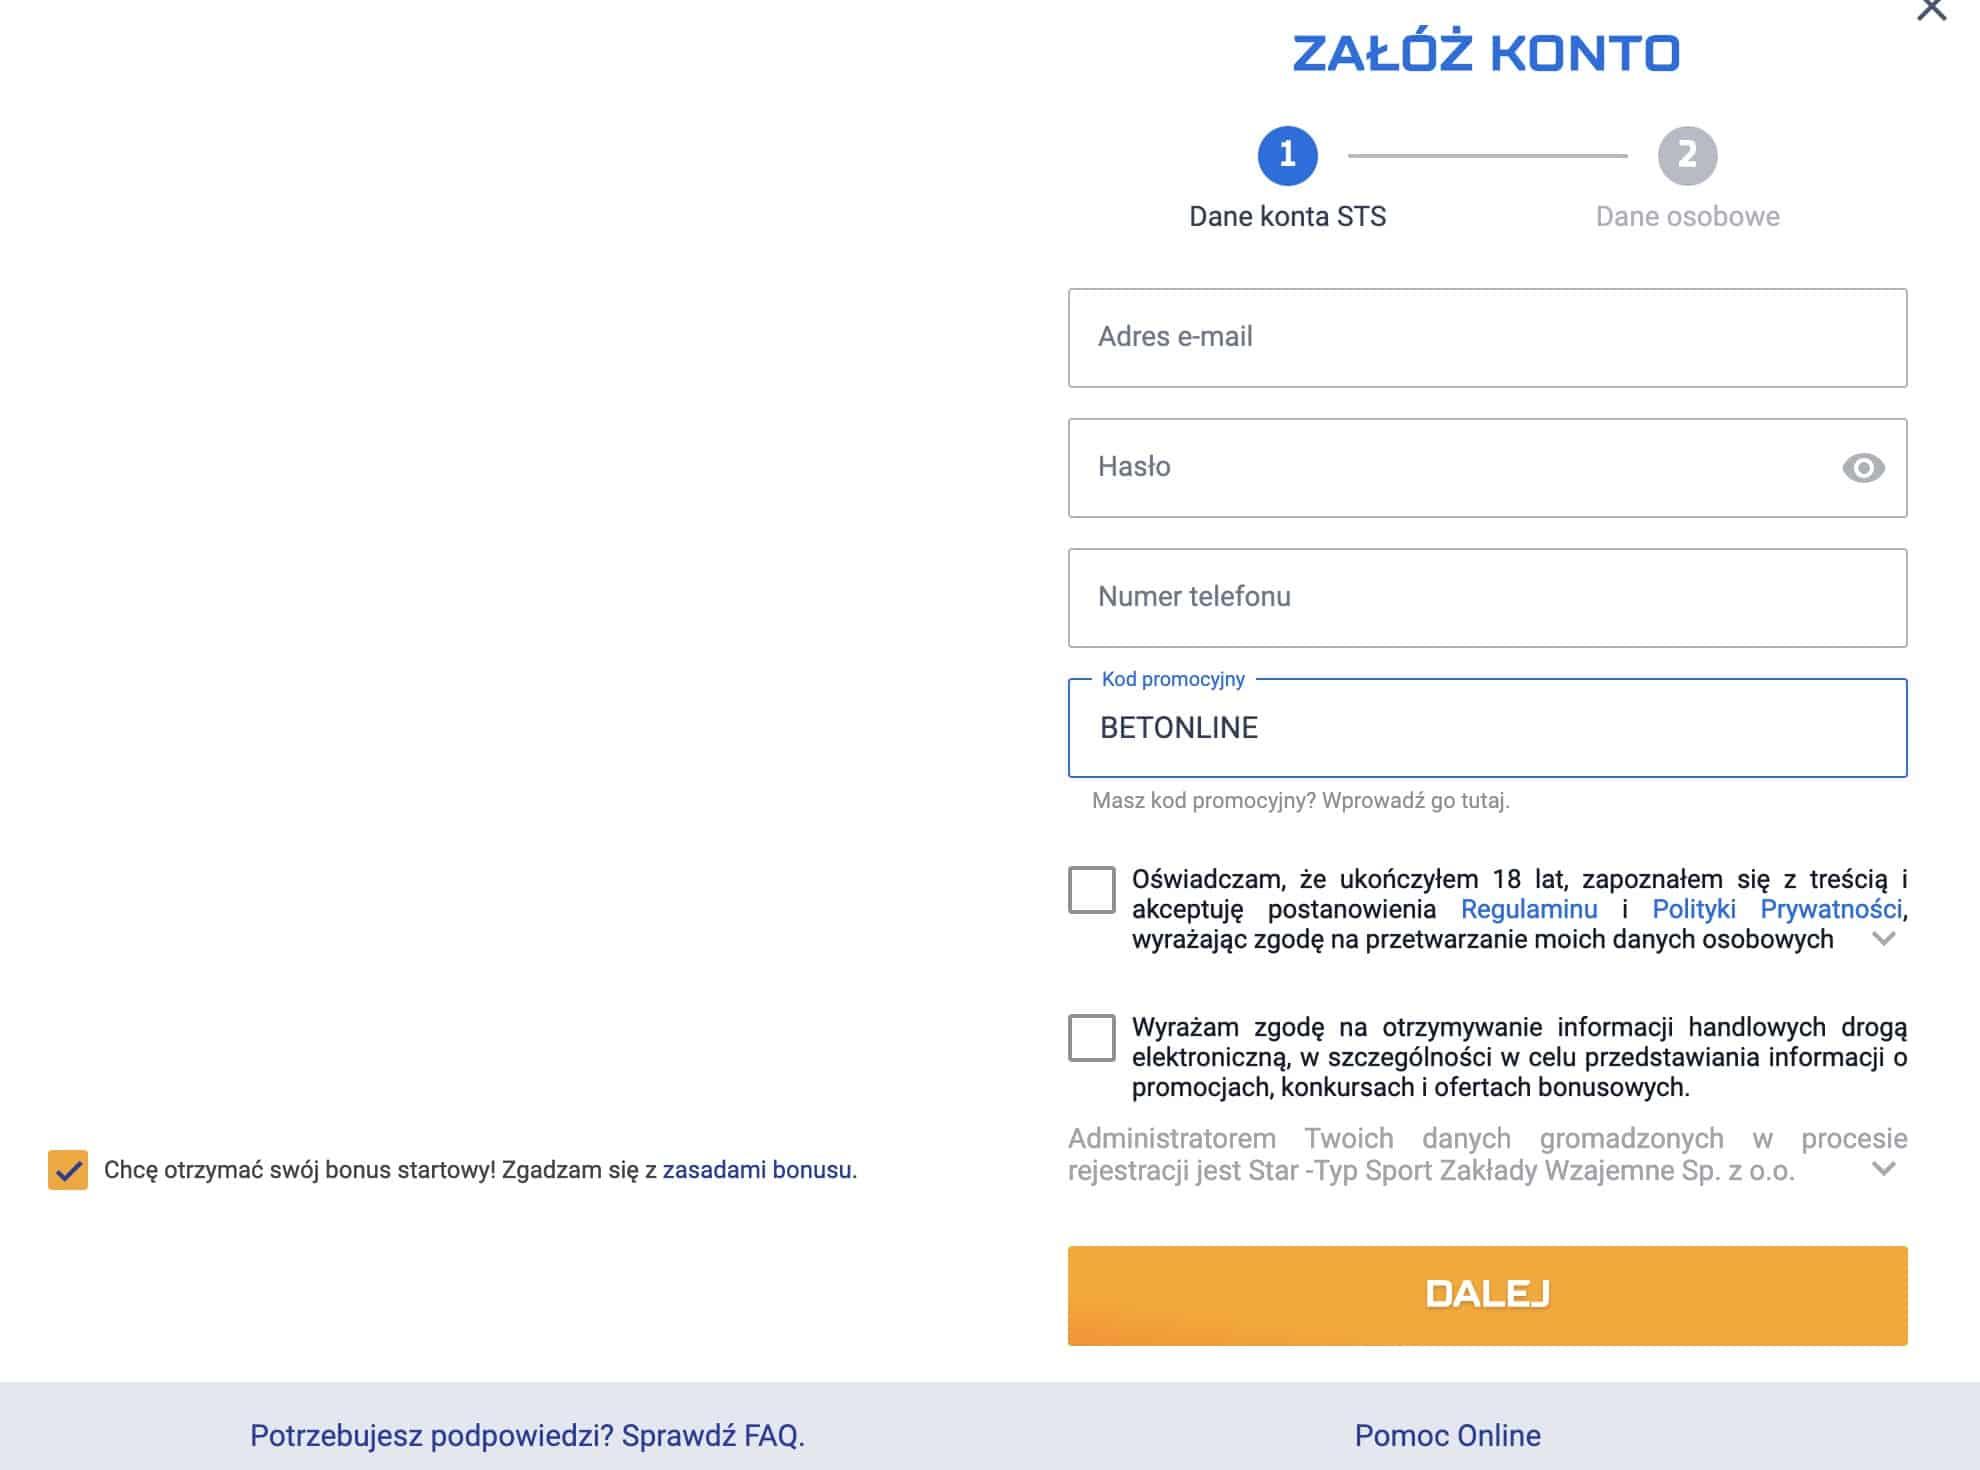 STS bonus bez depozytu. 29 PLN z kodem promocyjnym!